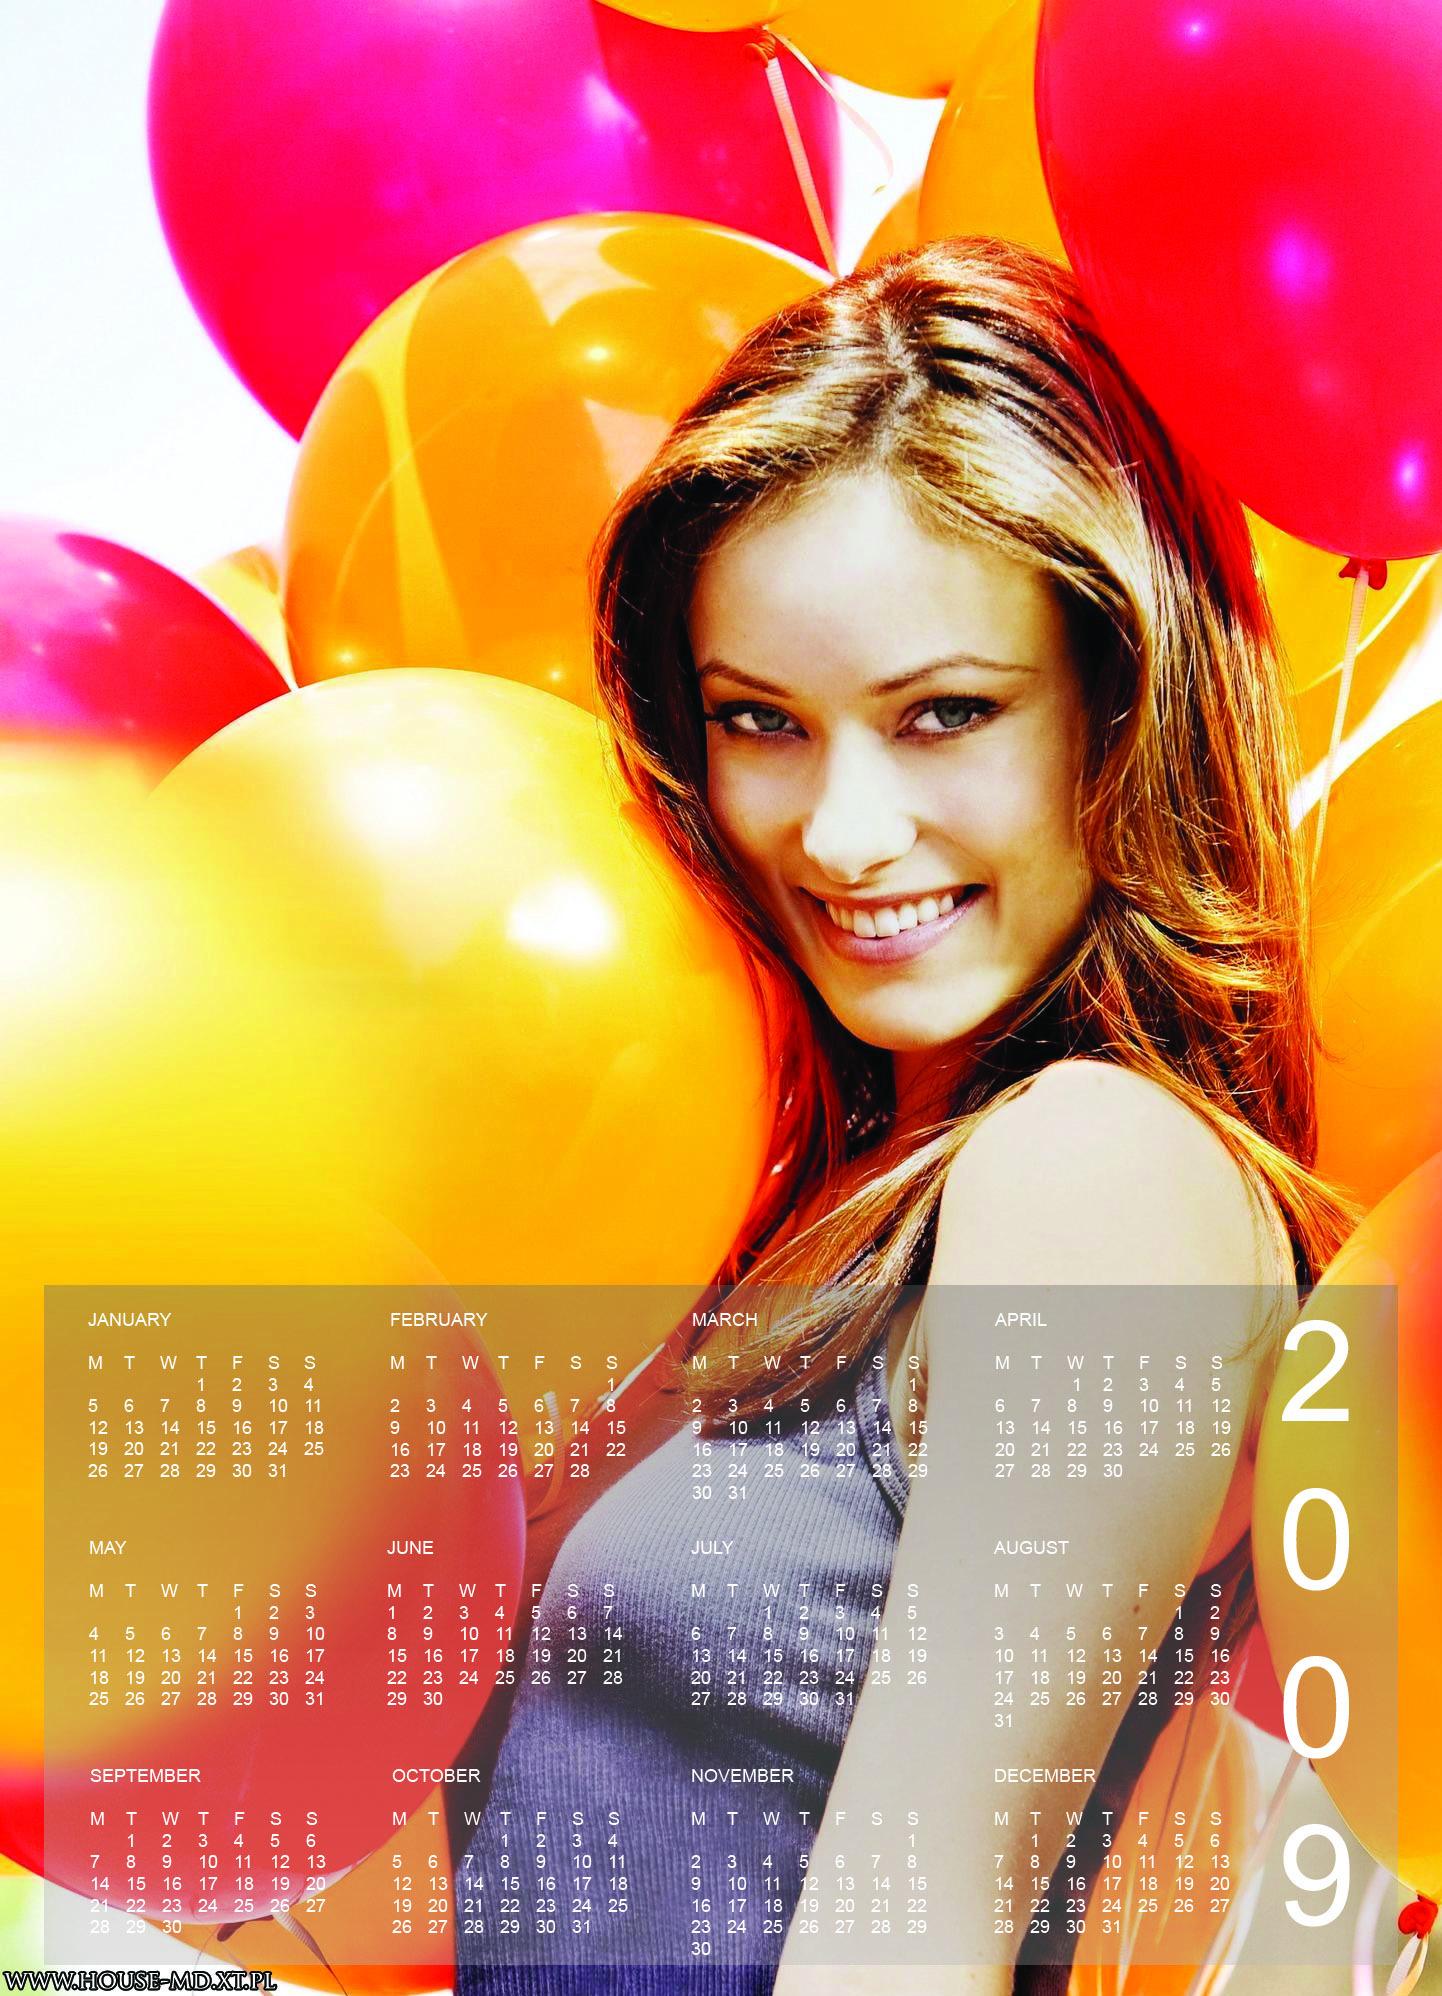 Calendar with Thirteen